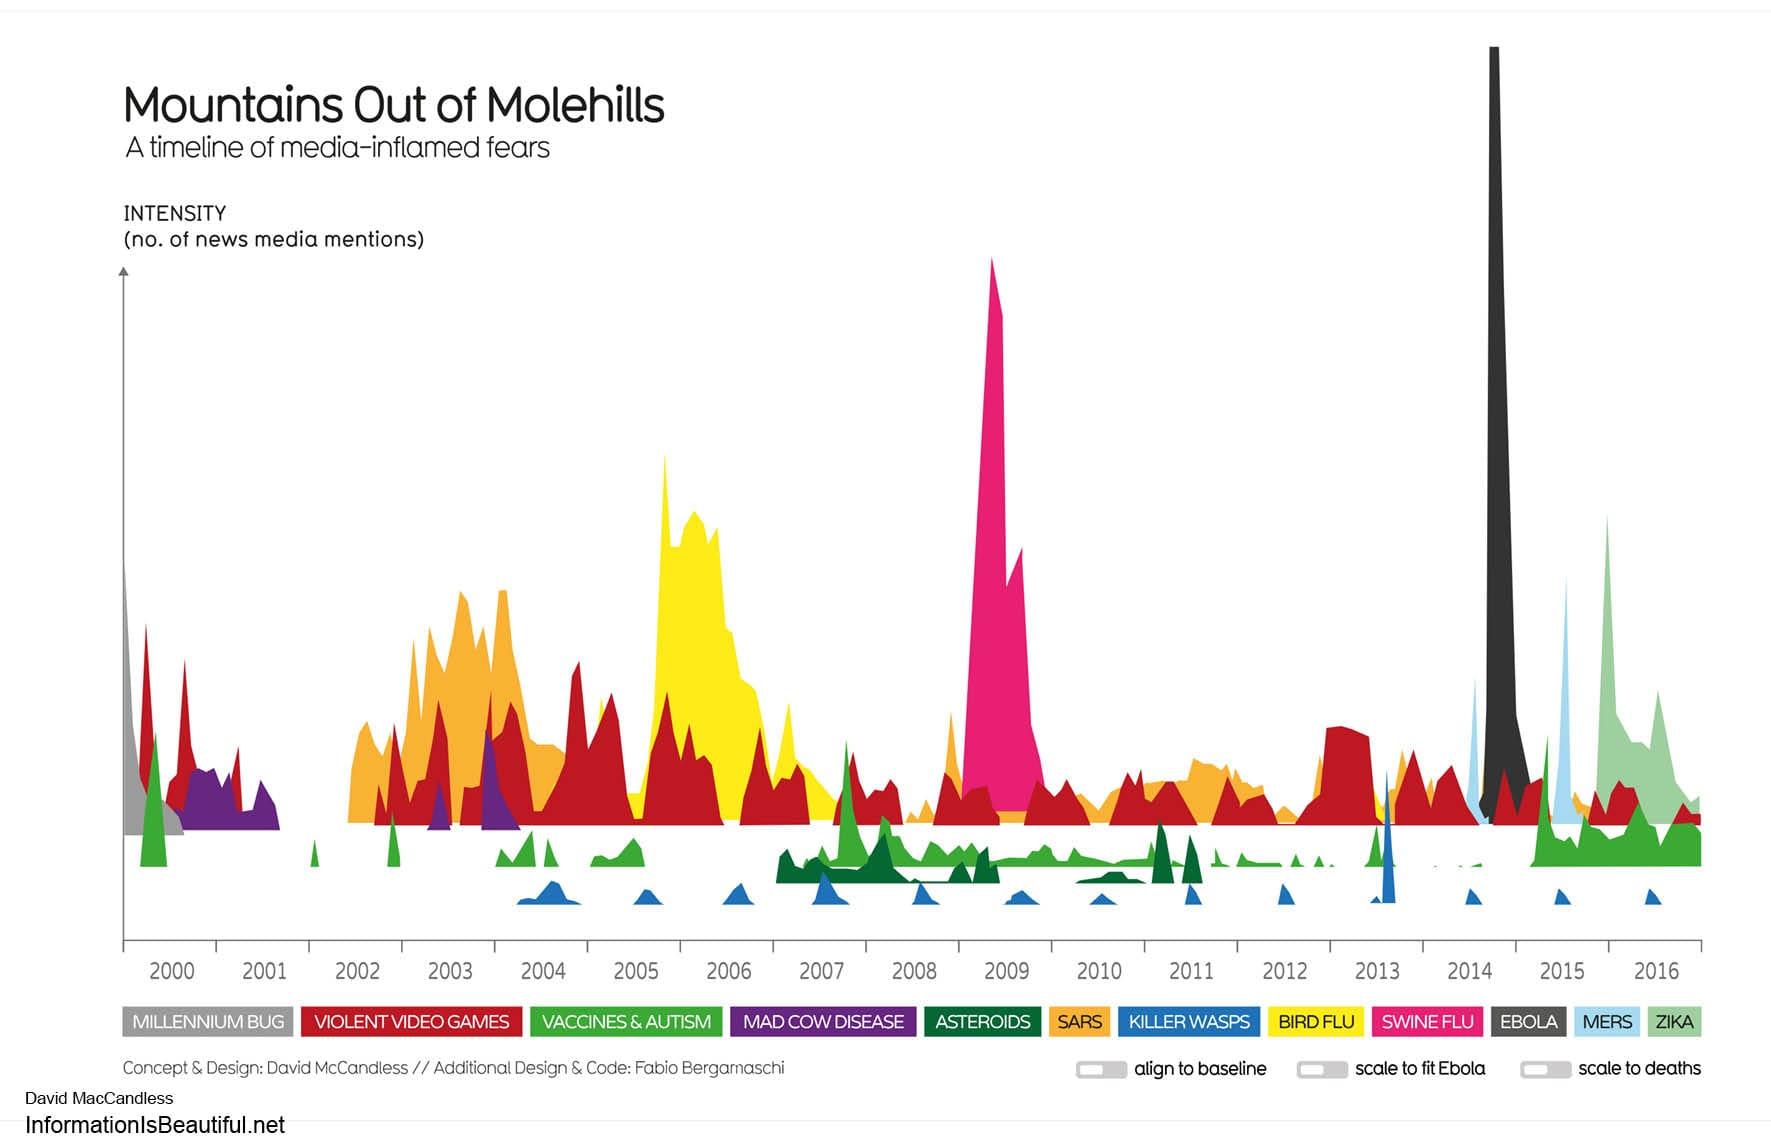 אינפוגרפיקה של דיוויד מקקנדלס, ״הרים של חפרפרות״ - קו זמן של מדיה- פחד